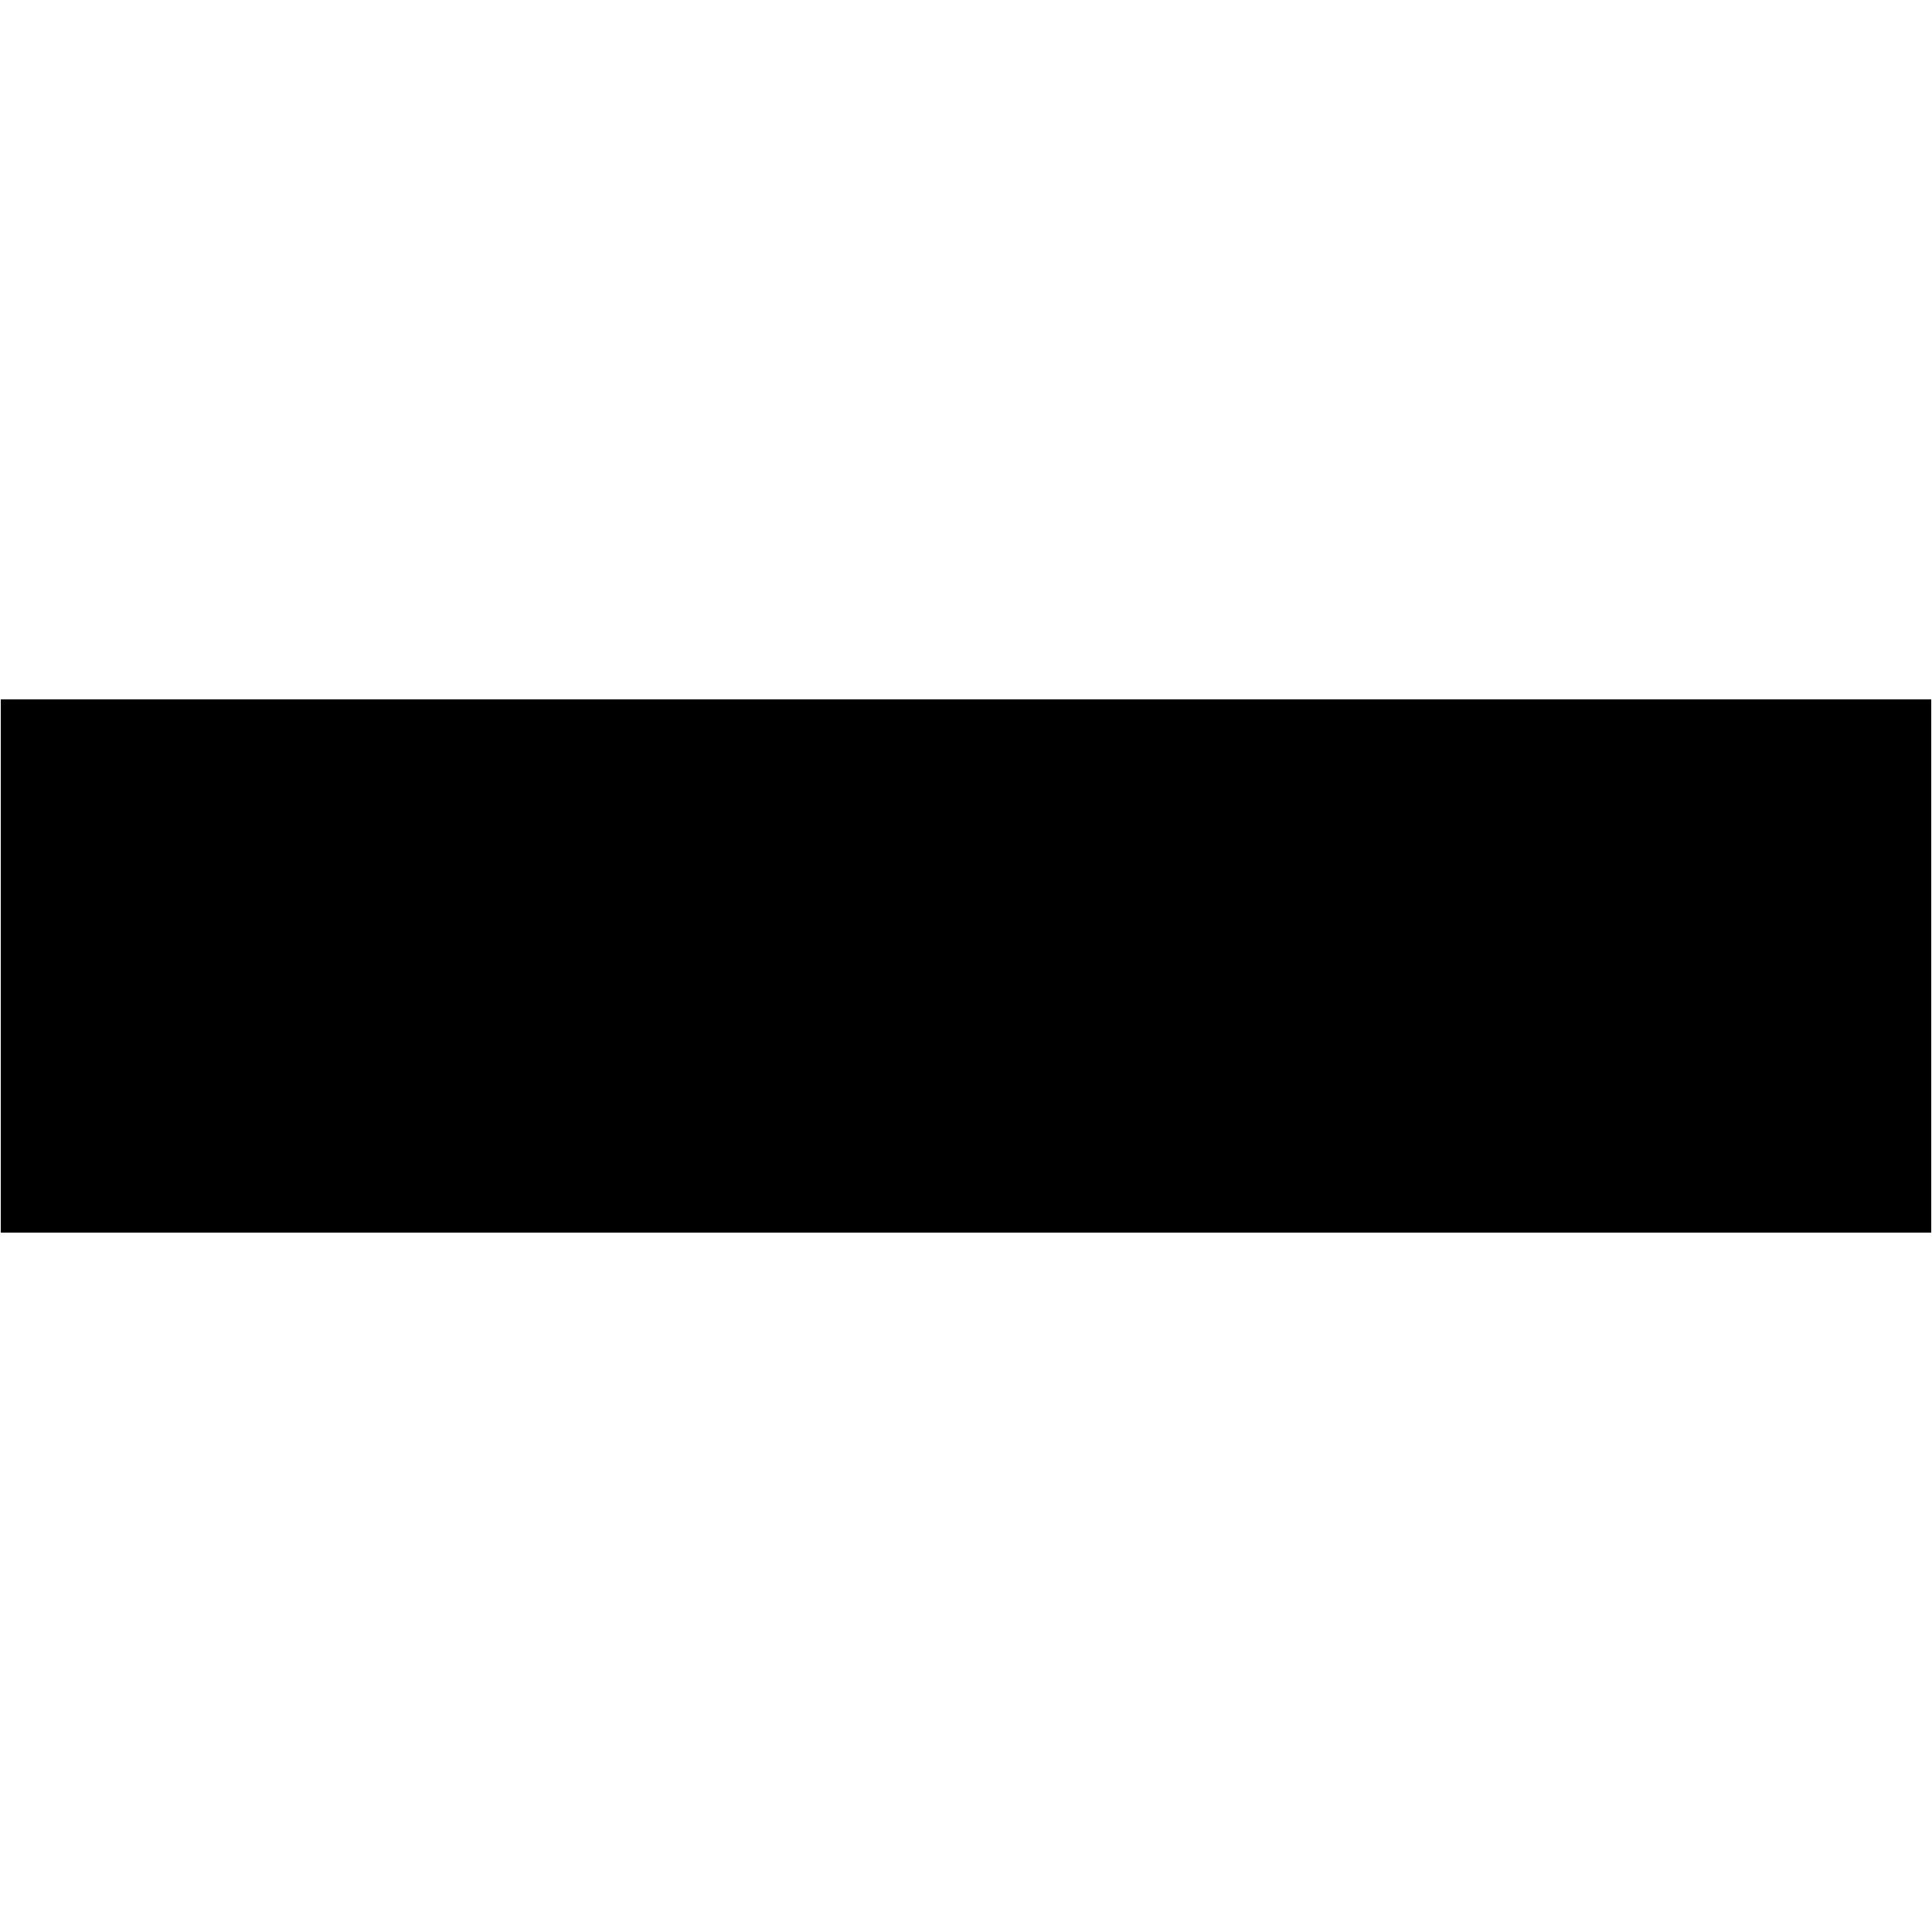 lgu-1.png